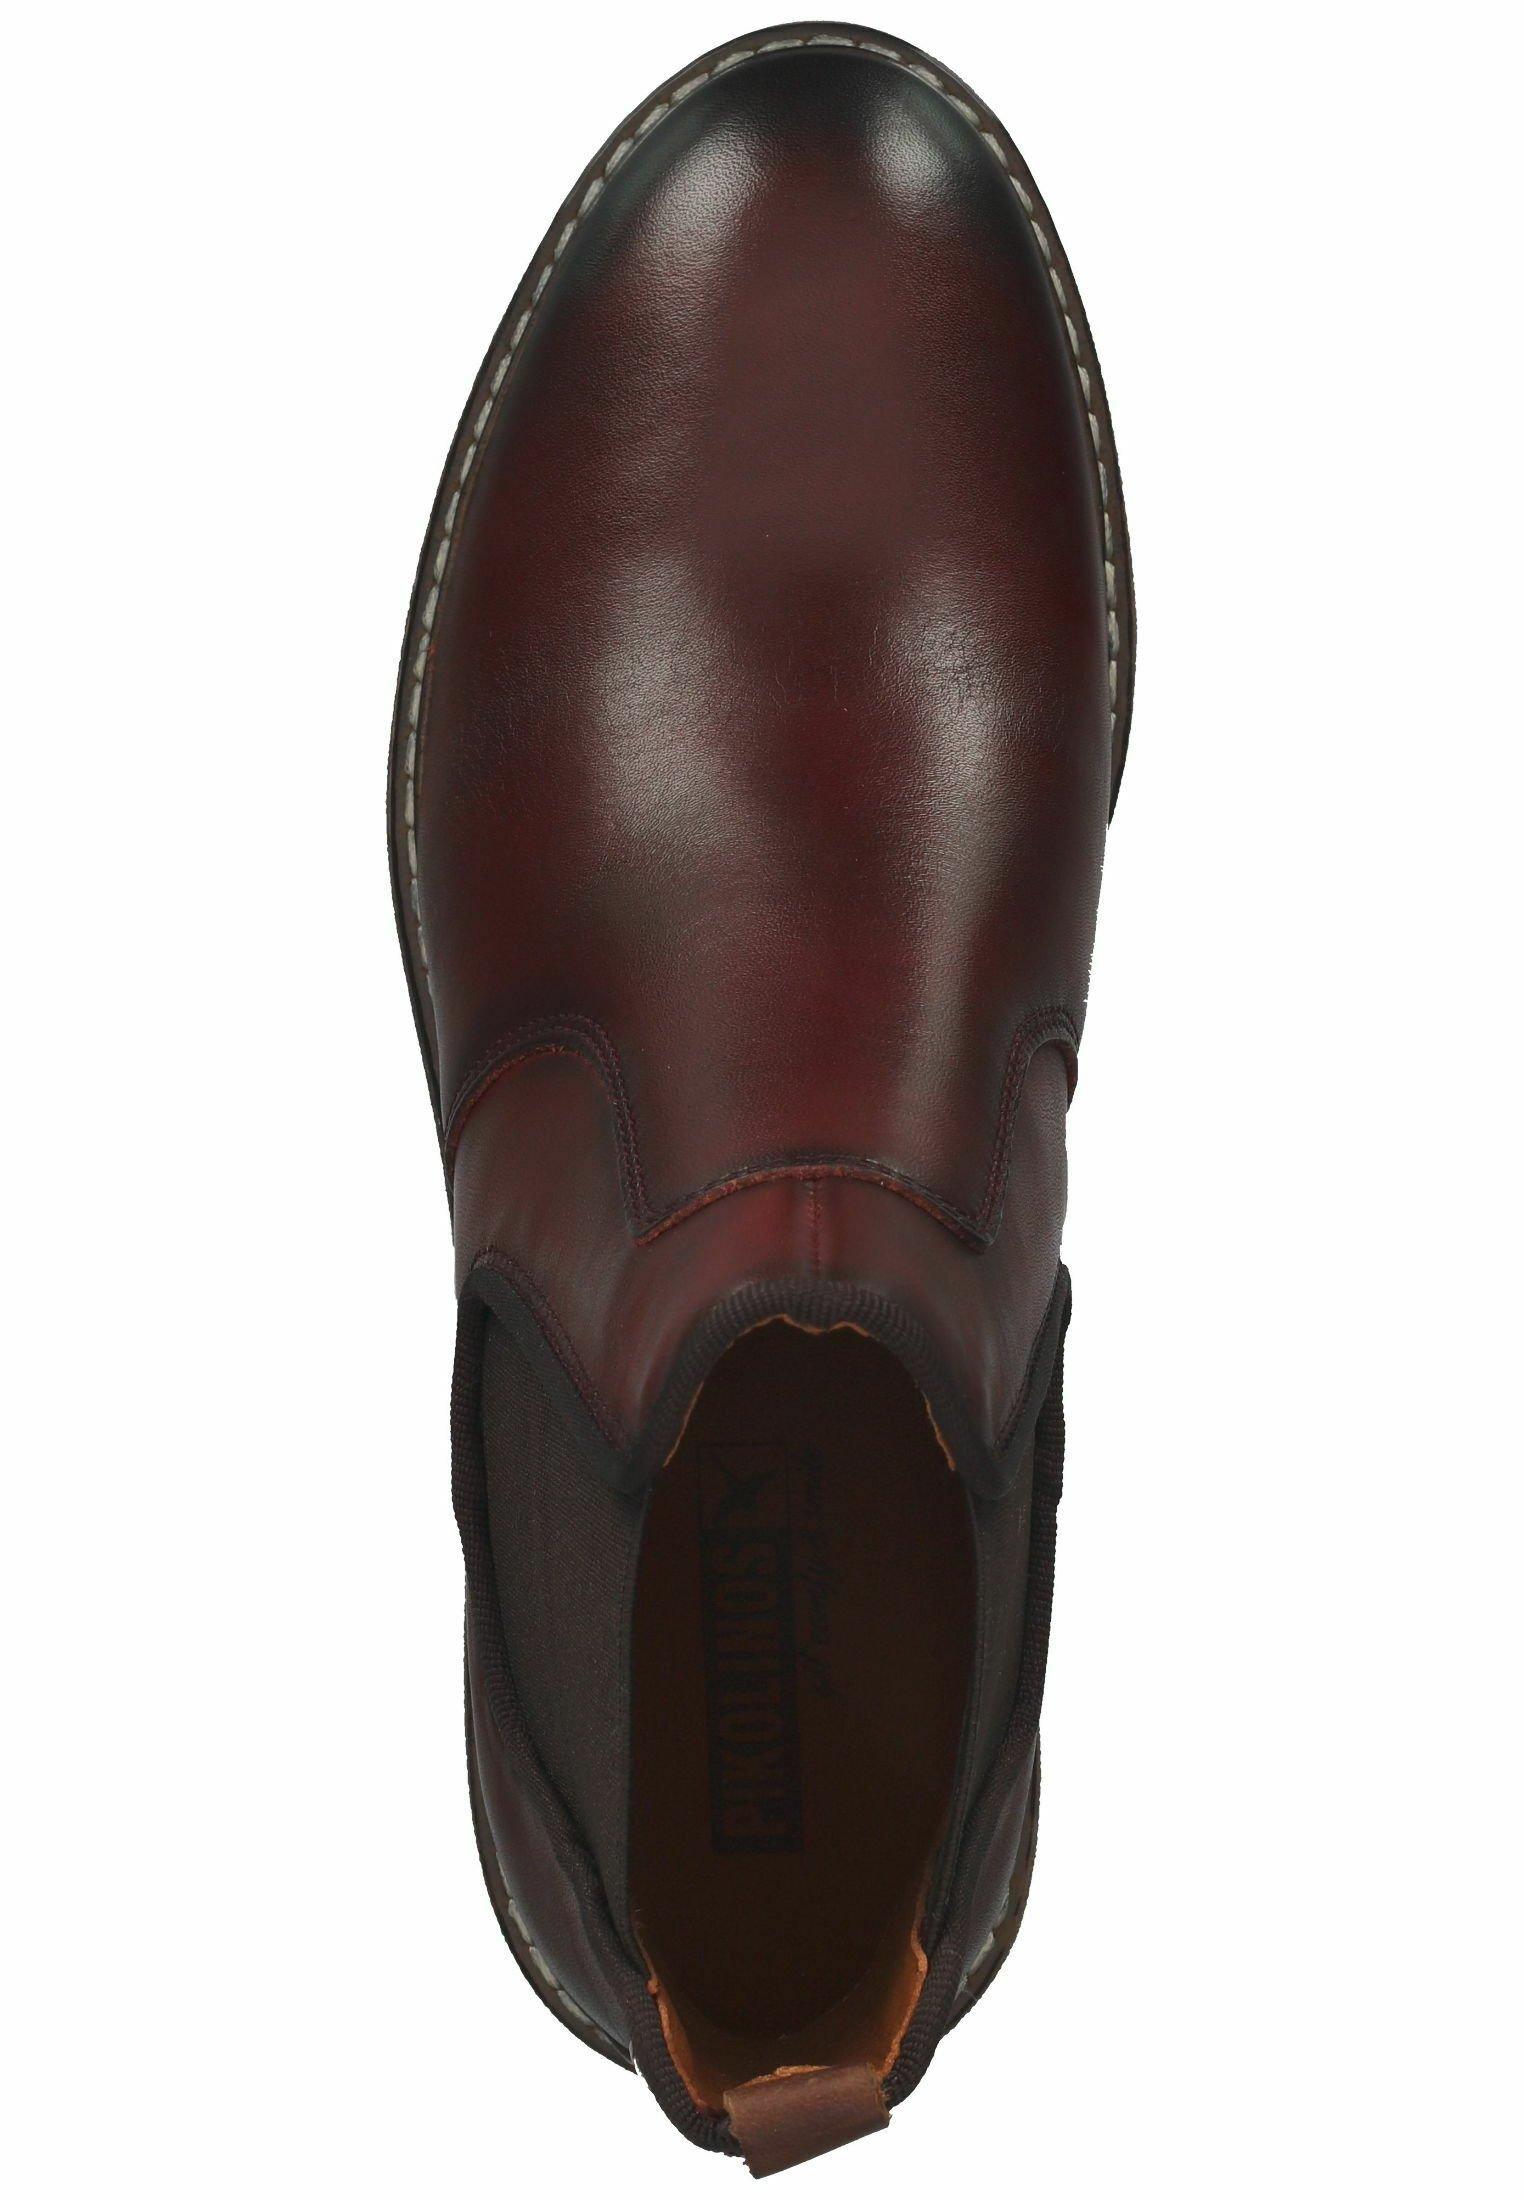 Damen Ankle Boot - arcrilla